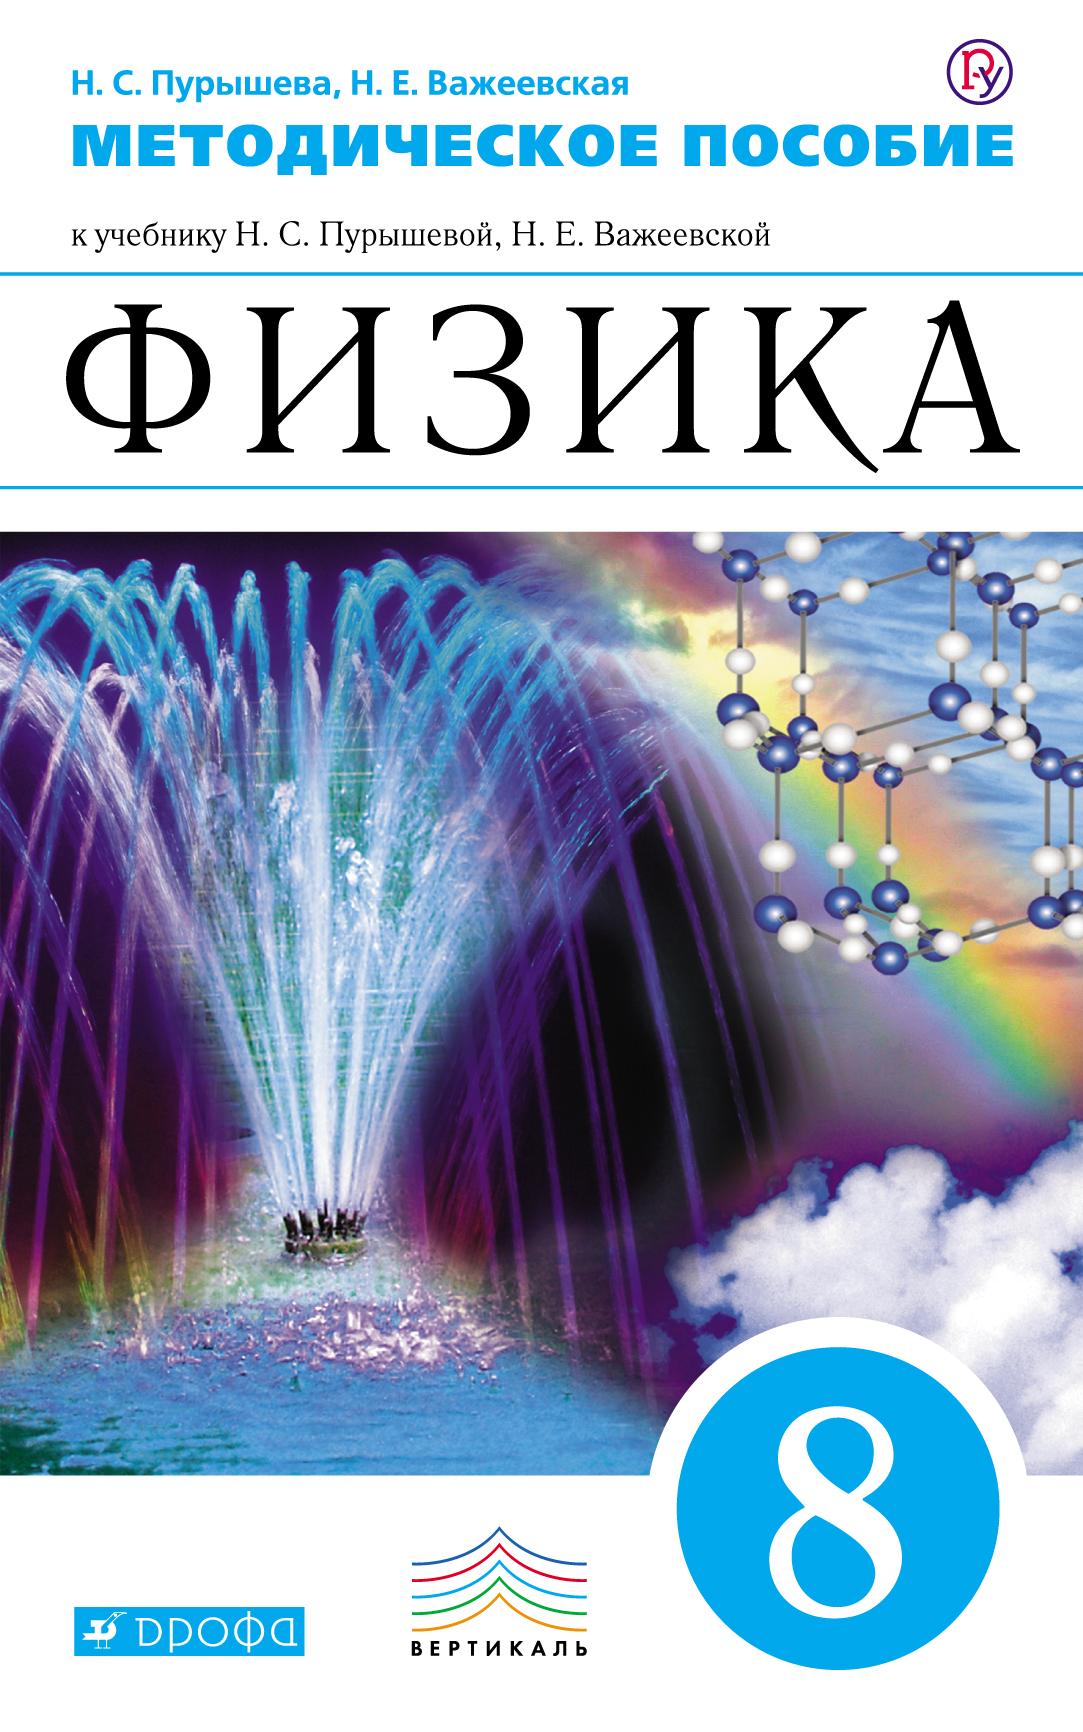 Методическое пособие к учебнику Н. С. Пурышевой, Н. Е. Важеевской «Физика. 8 класс»